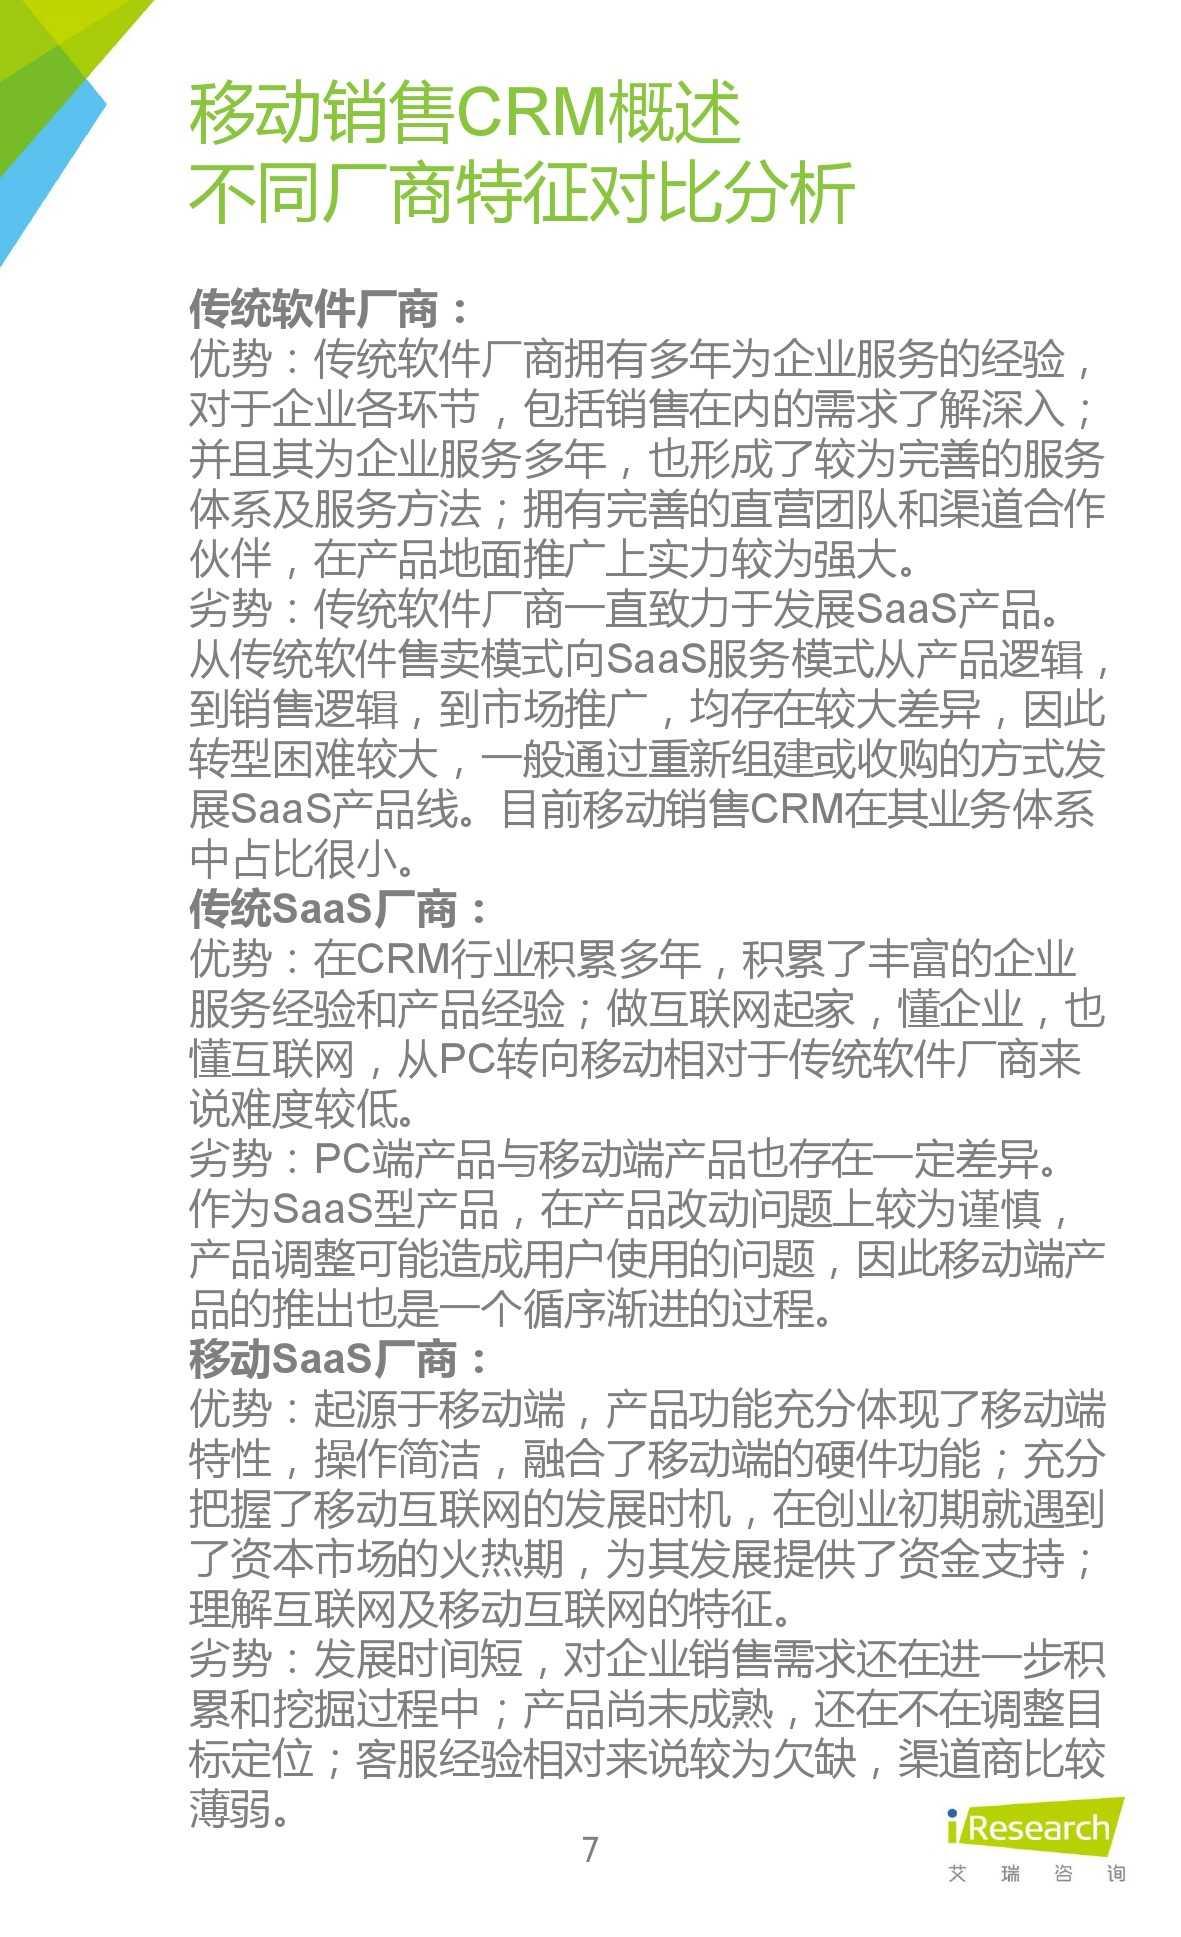 2015年中国移动销售CRM行业研究报告_000007